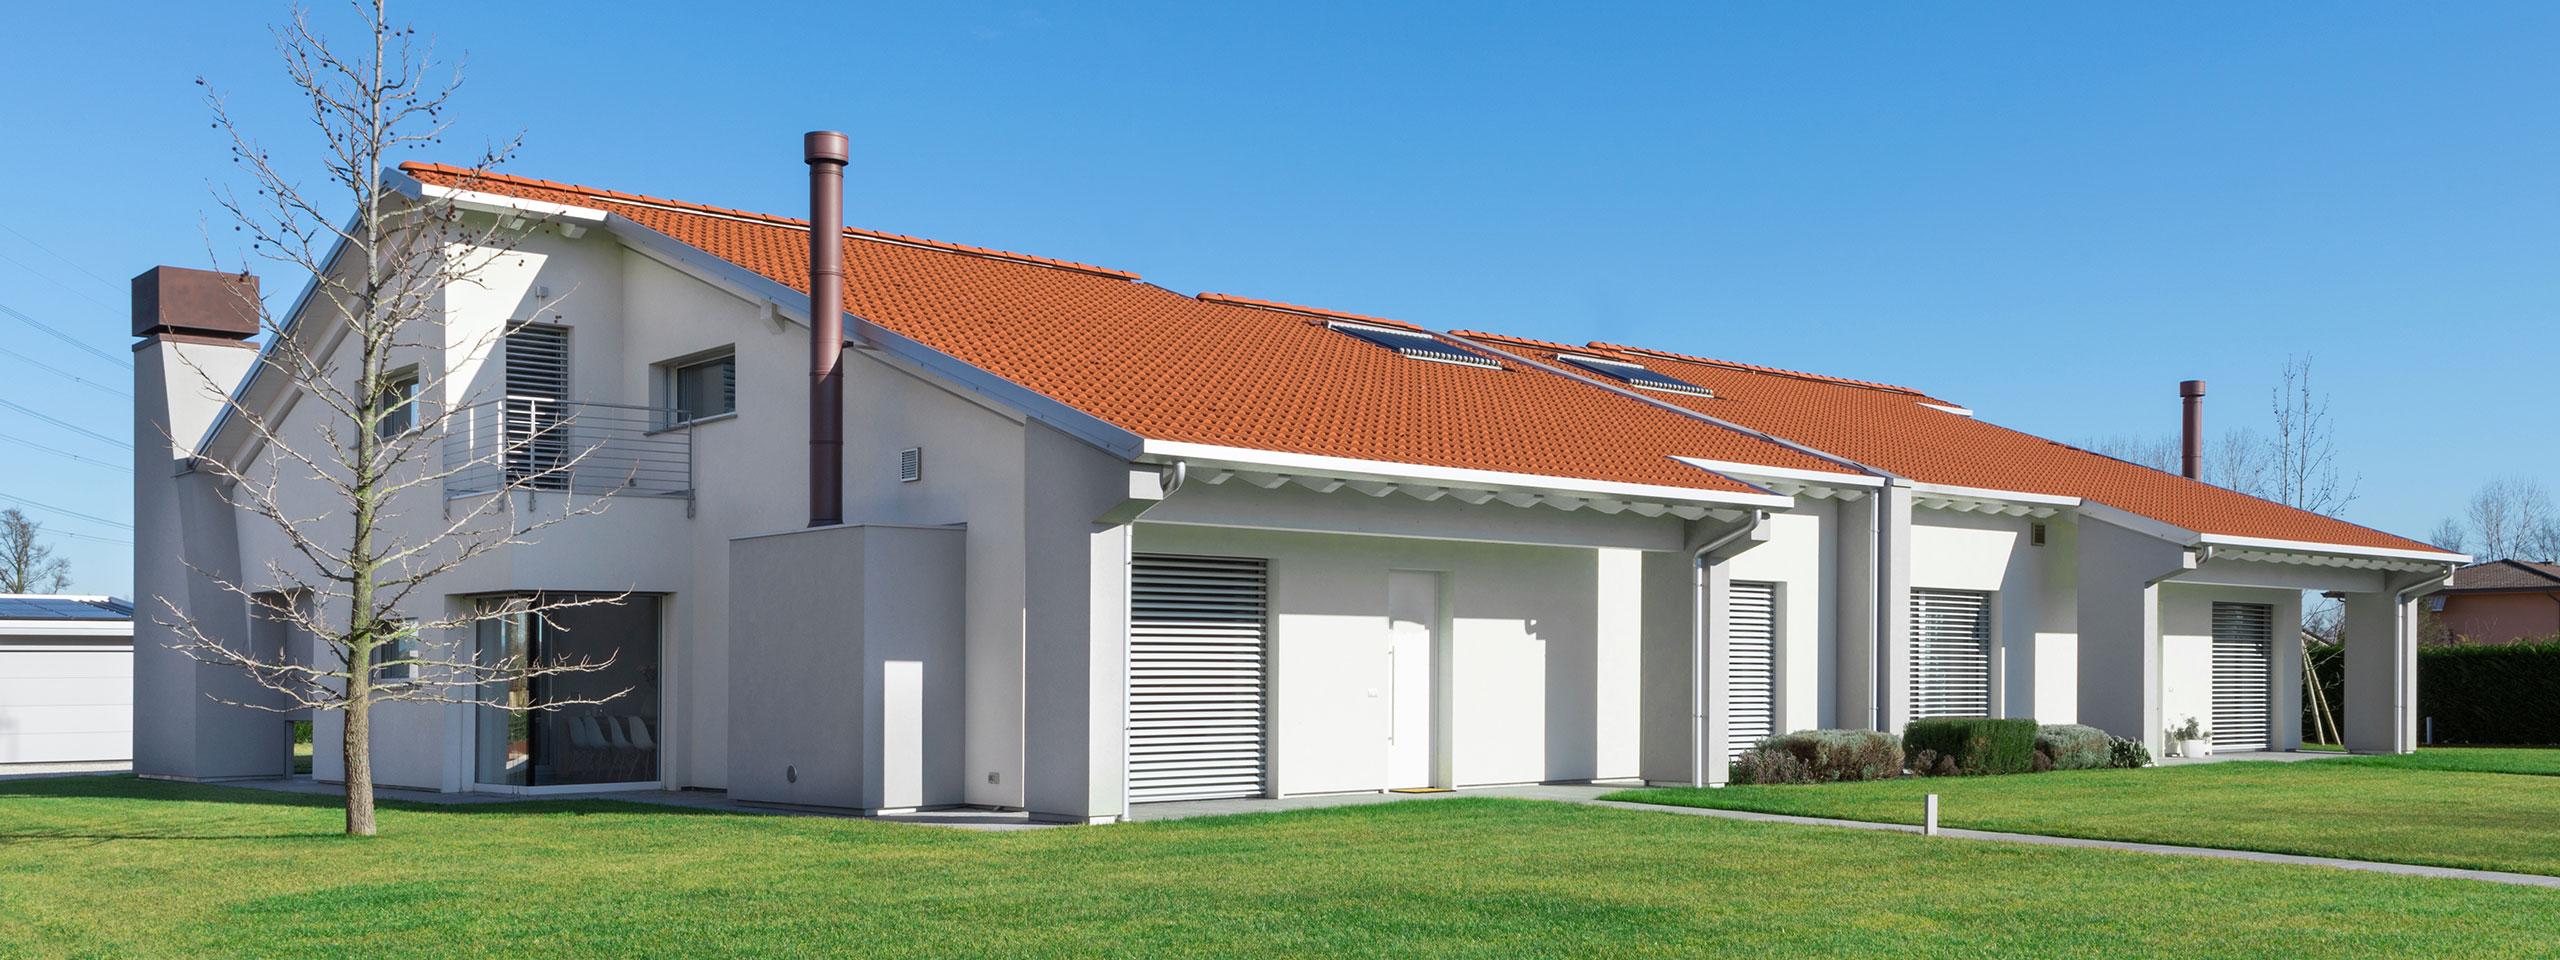 rio-costruzioni-residence-palazzine-ristrutturazioni